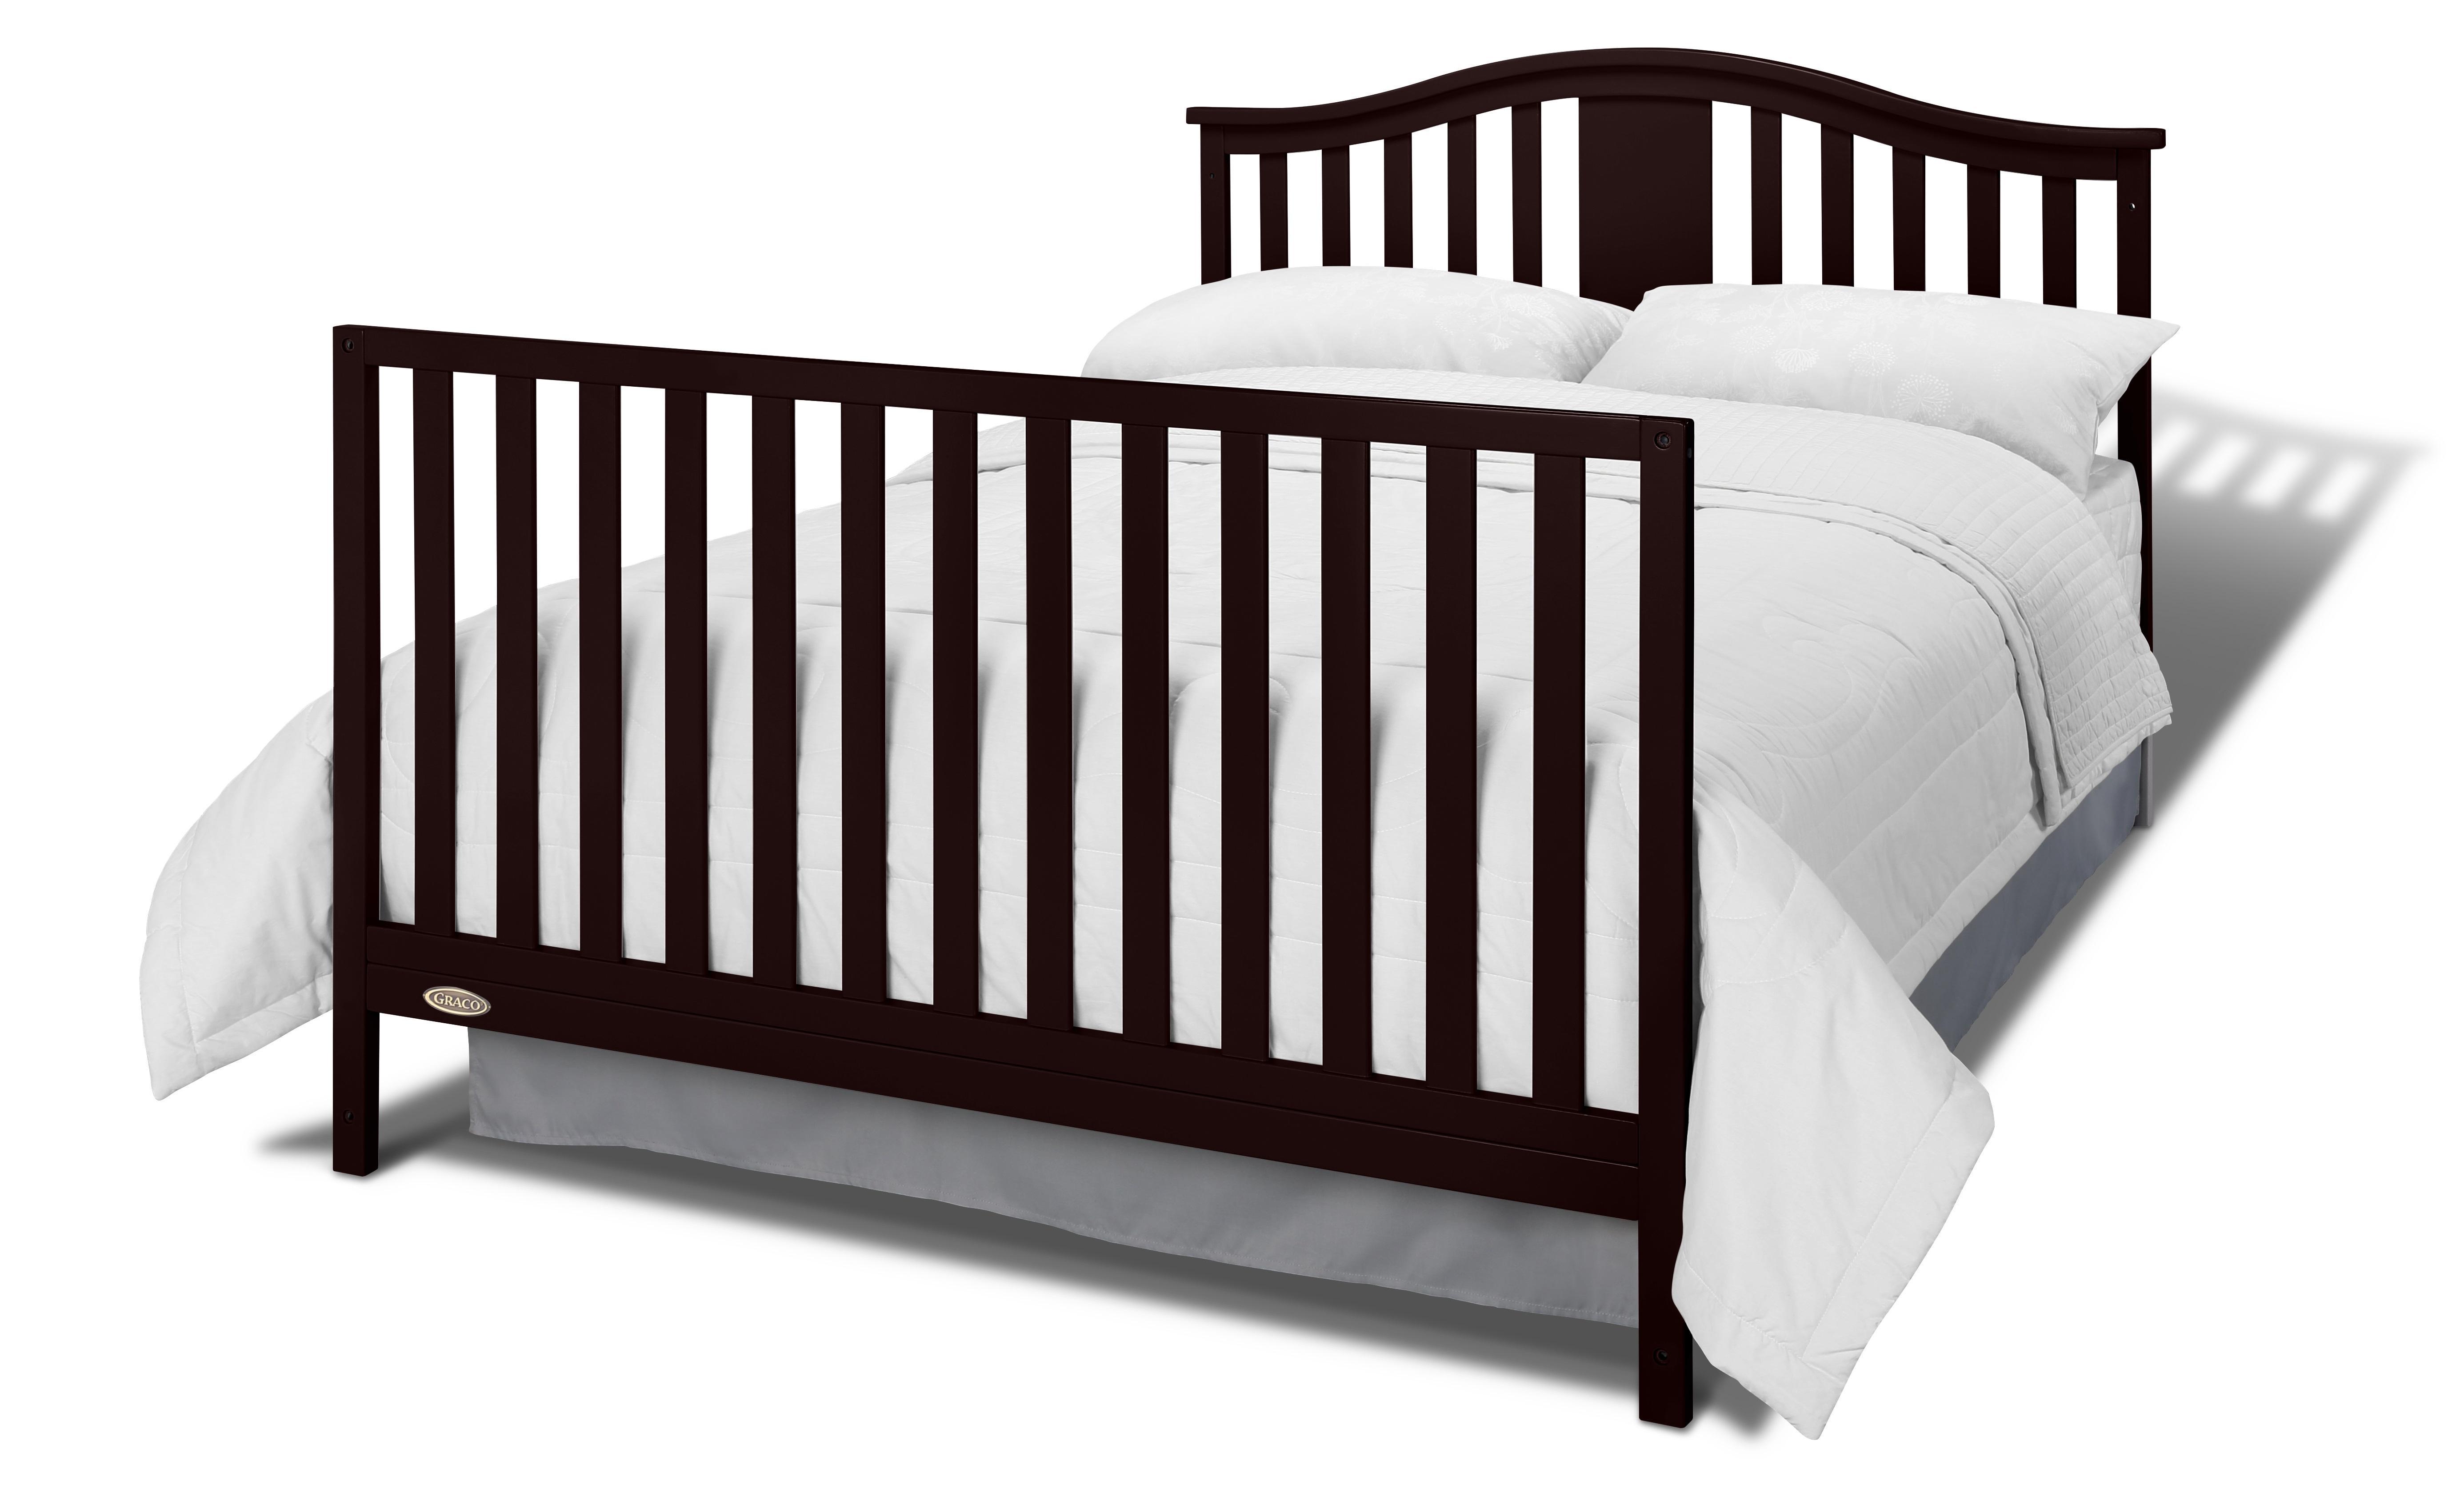 Amazon Com Graco Solano 4 In 1 Convertible Crib With